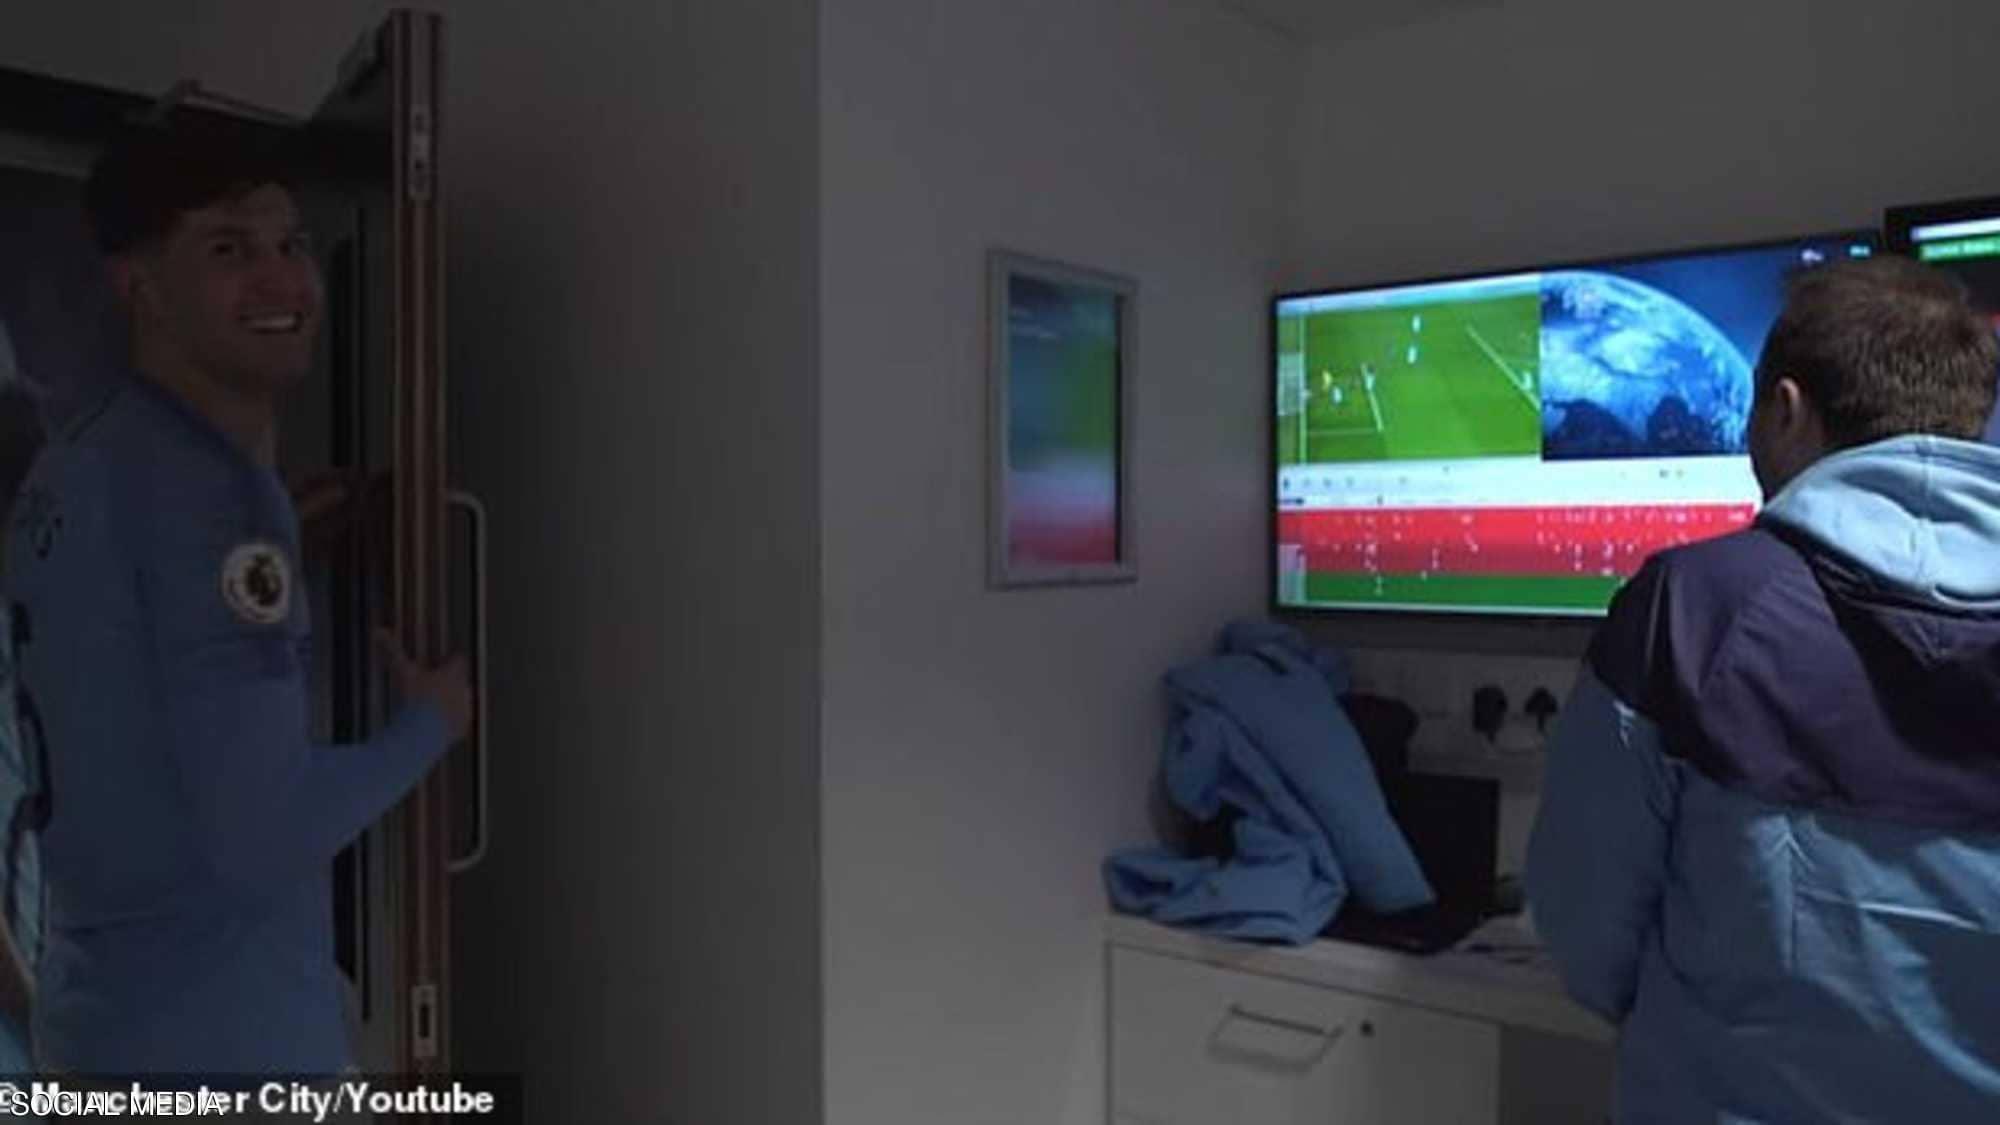 هذا ما فعله لاعبو مانشستر سيتي بعد الفوز على ليفربول